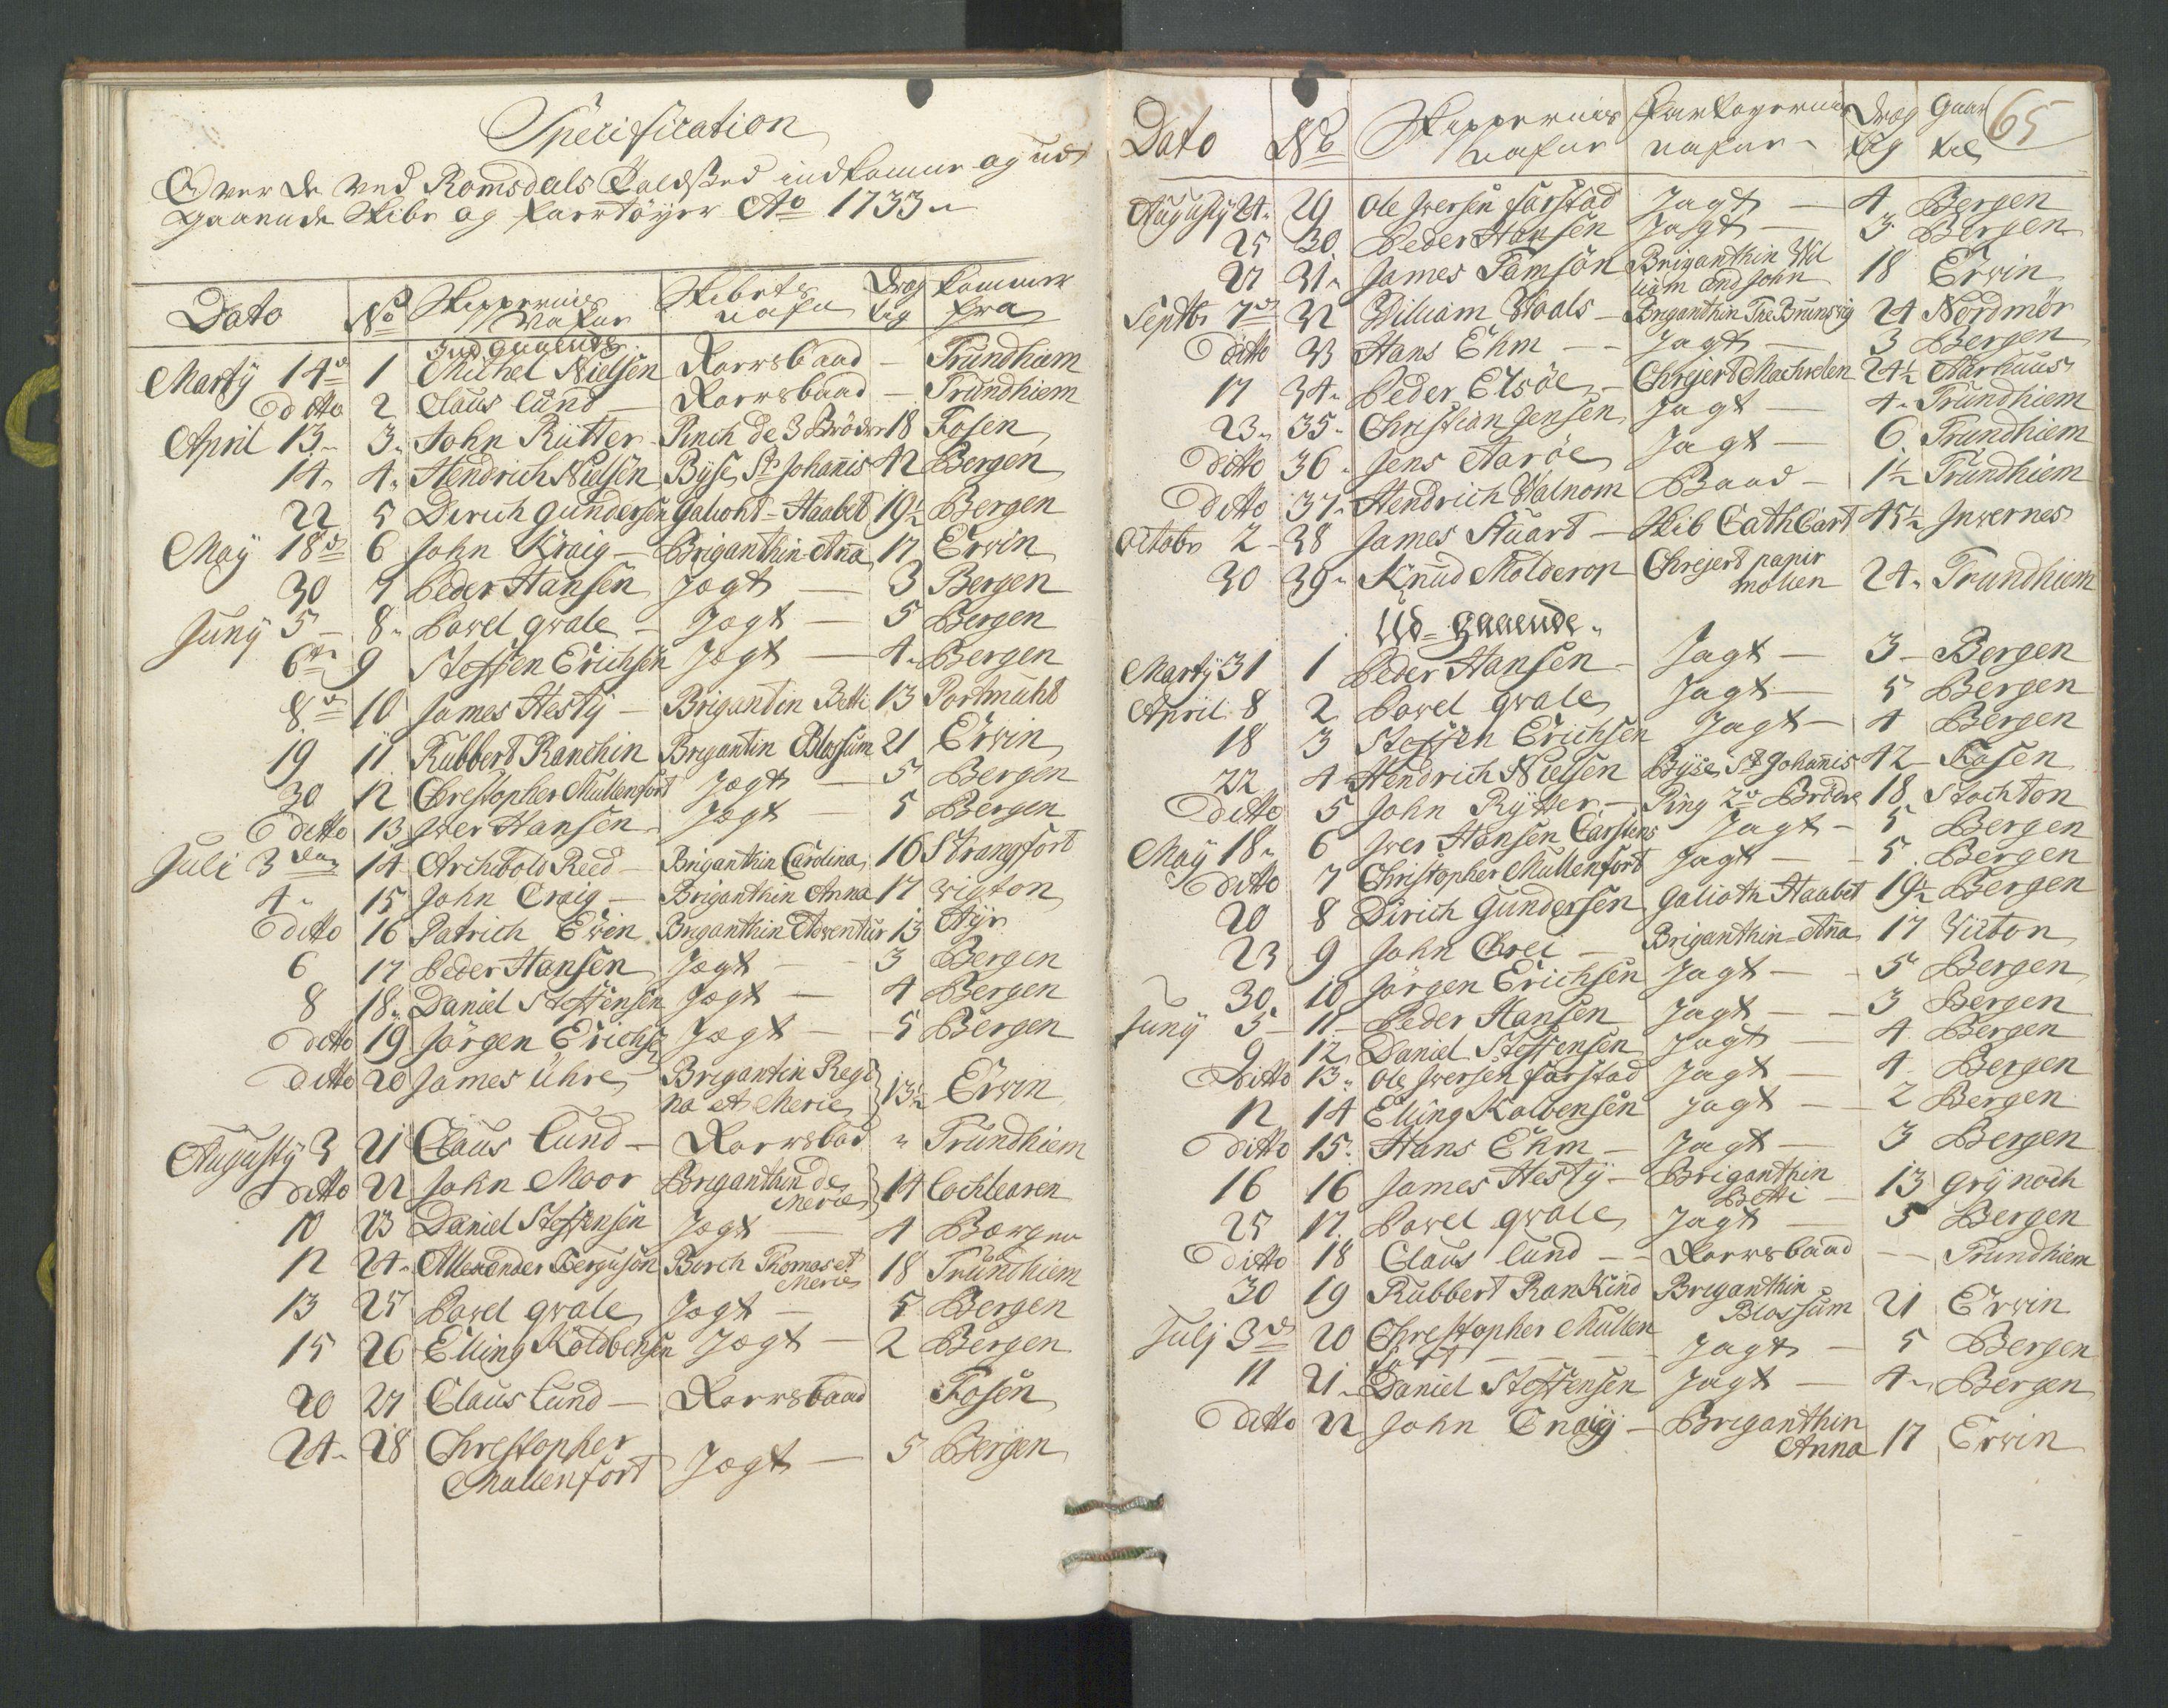 RA, Generaltollkammeret, tollregnskaper, R31/L0011: Tollregnskaper Molde, 1733, s. 64b-65a